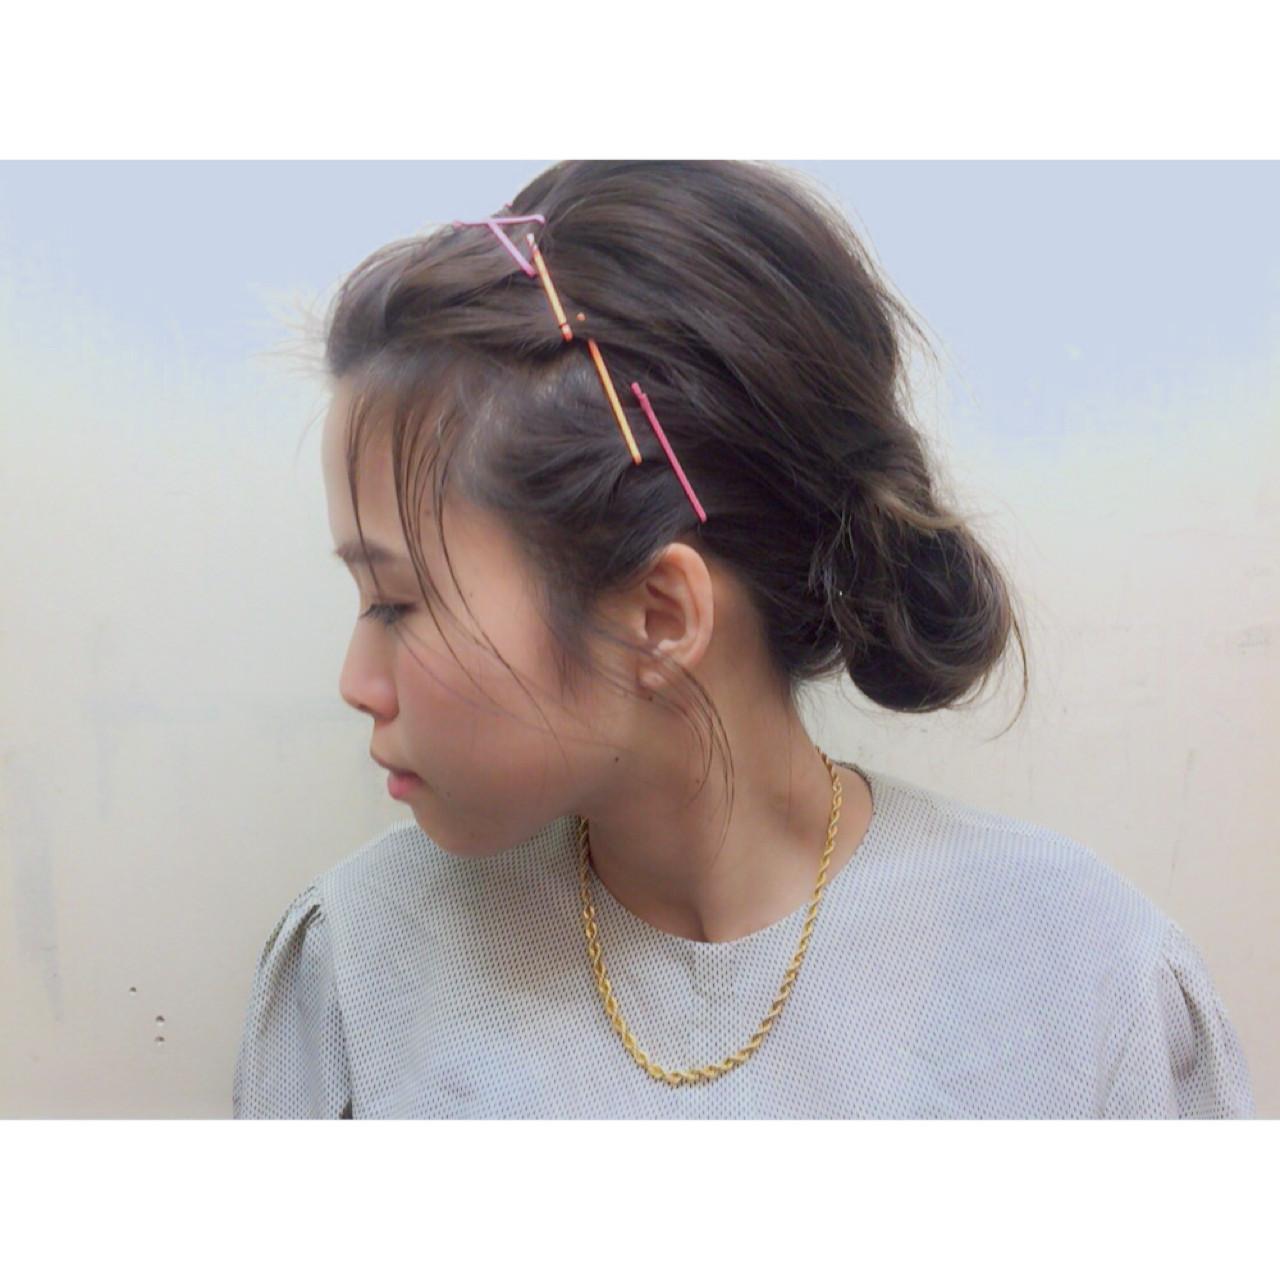 夏 ショート ミディアム 簡単ヘアアレンジ ヘアスタイルや髪型の写真・画像